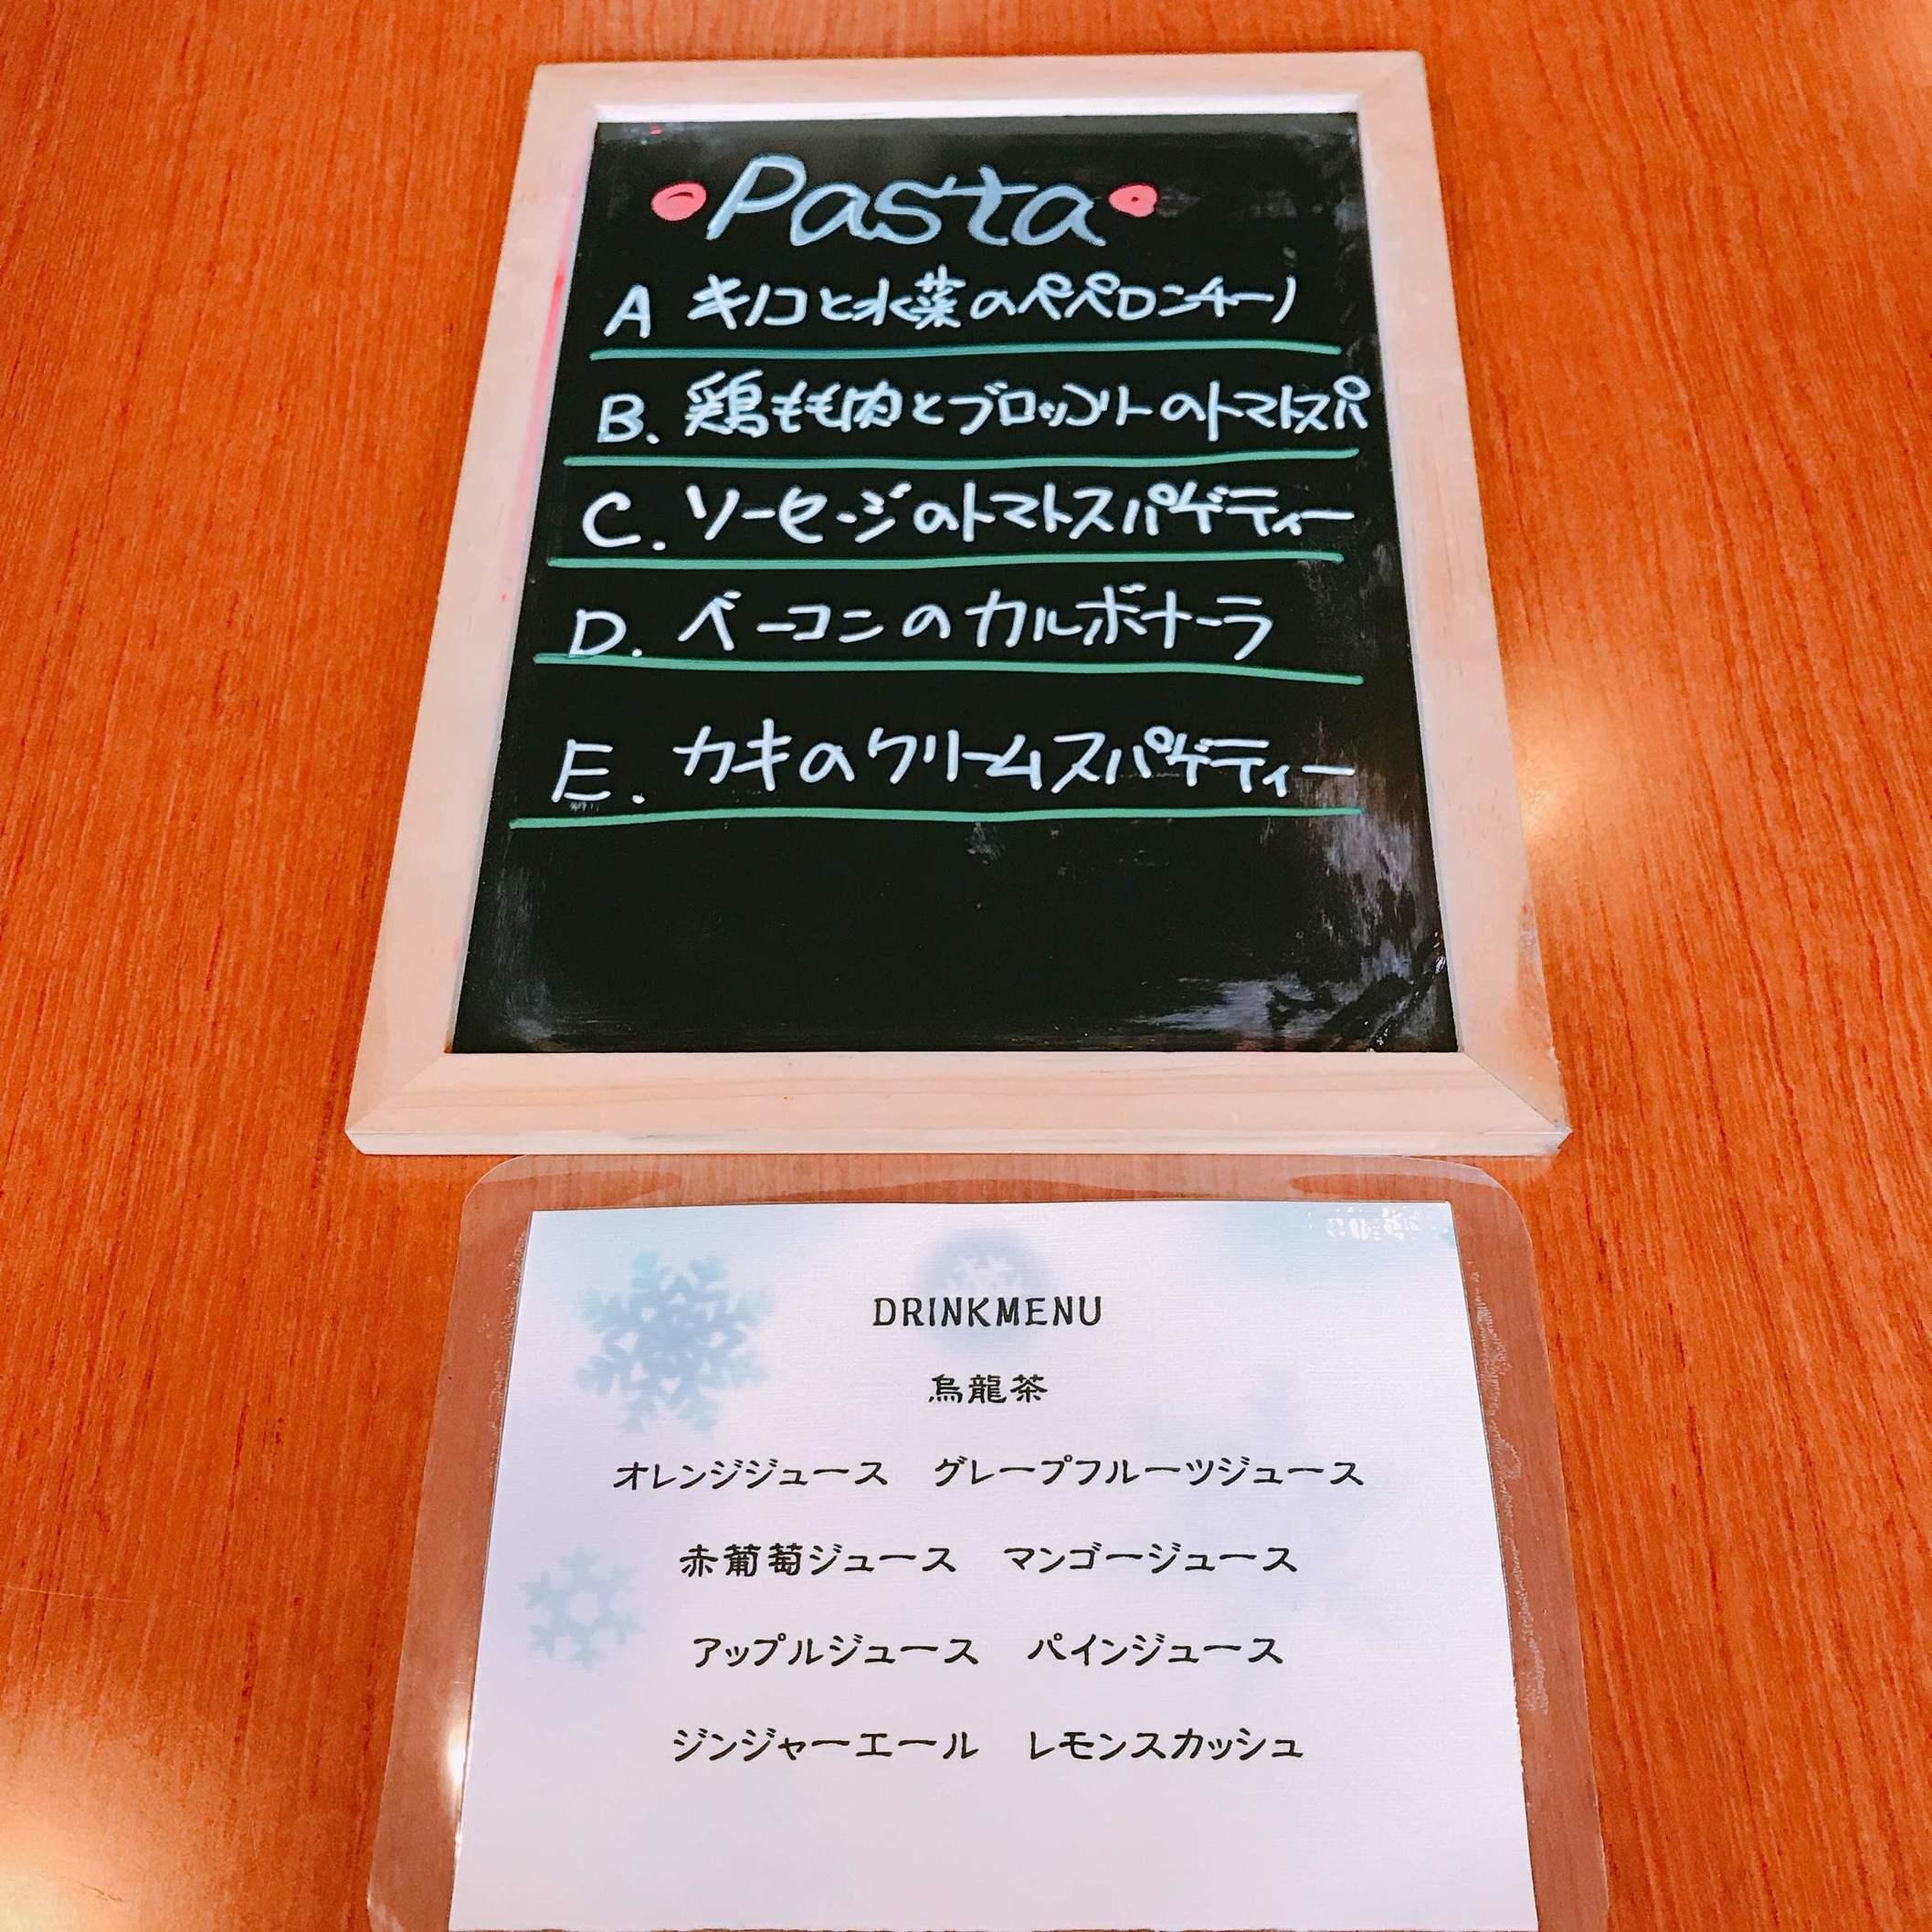 アネッロ name=